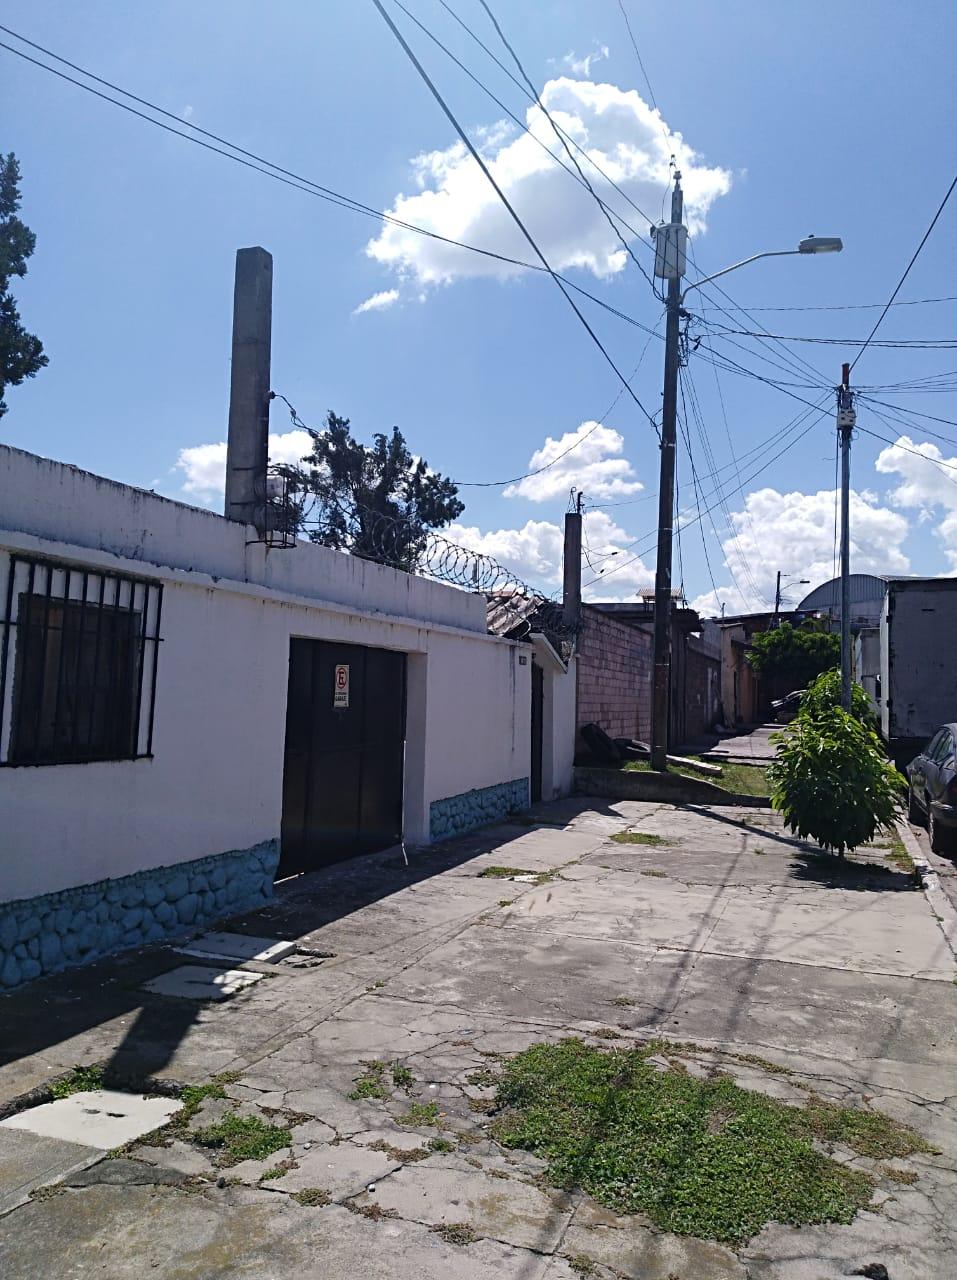 Vendo Casa  con construcciones antiguas para reconstruir oh demoler